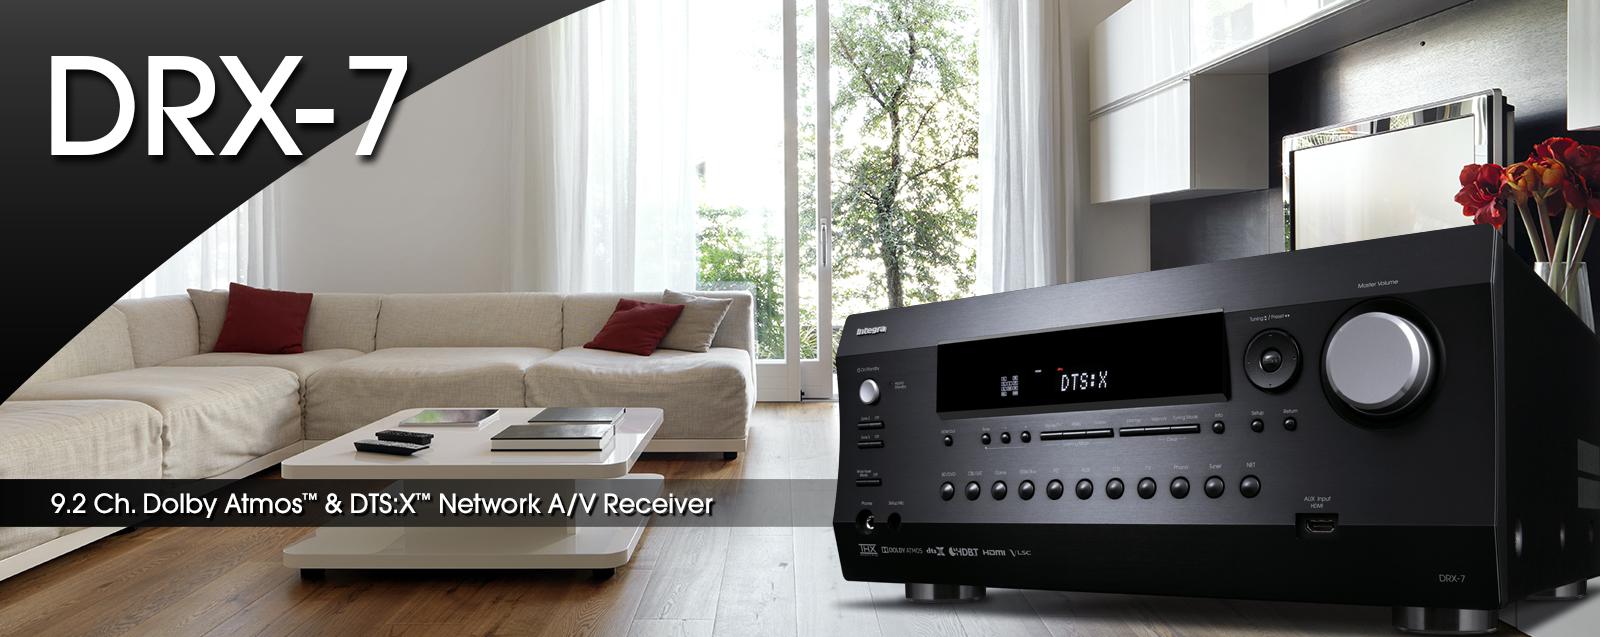 Amplificateur AV 9.2, Dolby Atmos, DTS:X, HDMI 2.0a, AccuEQ, Intégra DRX-7